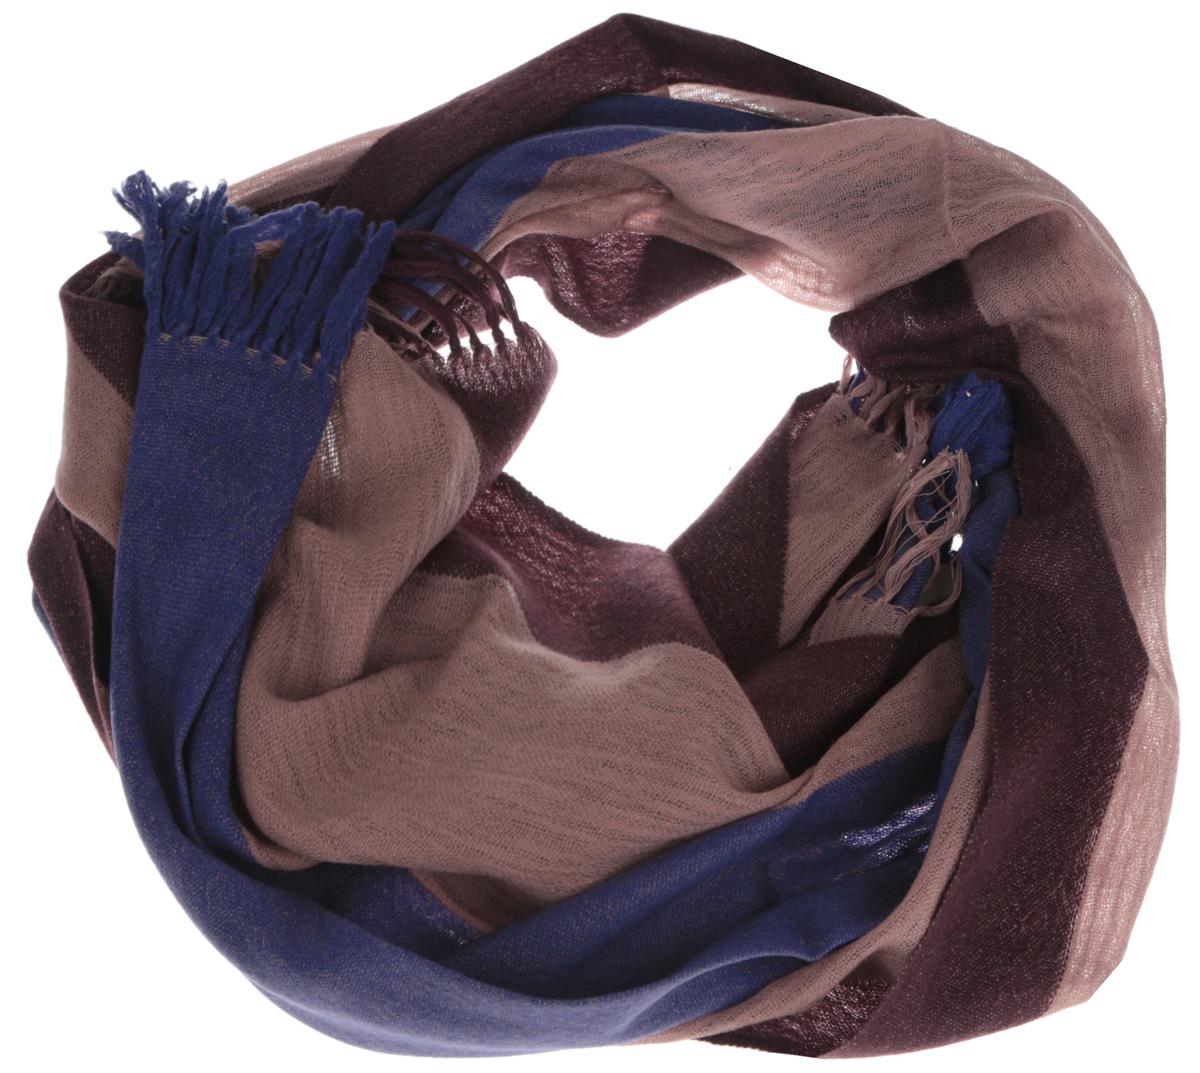 Шарф мужской Eleganzza, цвет: синий, коричневый. U41-1057. Размер 70 см х 190 смU41-1057Элегантный мужской шарф Eleganzza согреет вас в холодное время года, а также станет изысканным аксессуаром, который призван подчеркнуть ваш стиль и индивидуальность. Оригинальный и стильный шарф выполнен из высококачественной 100% шерсти, он оформлен широкими полосками и украшен длинными кистями по краю.Такой шарф станет превосходным дополнением к любому наряду, защитит вас от ветра и холода, и позволит вам создать свой неповторимый стиль.